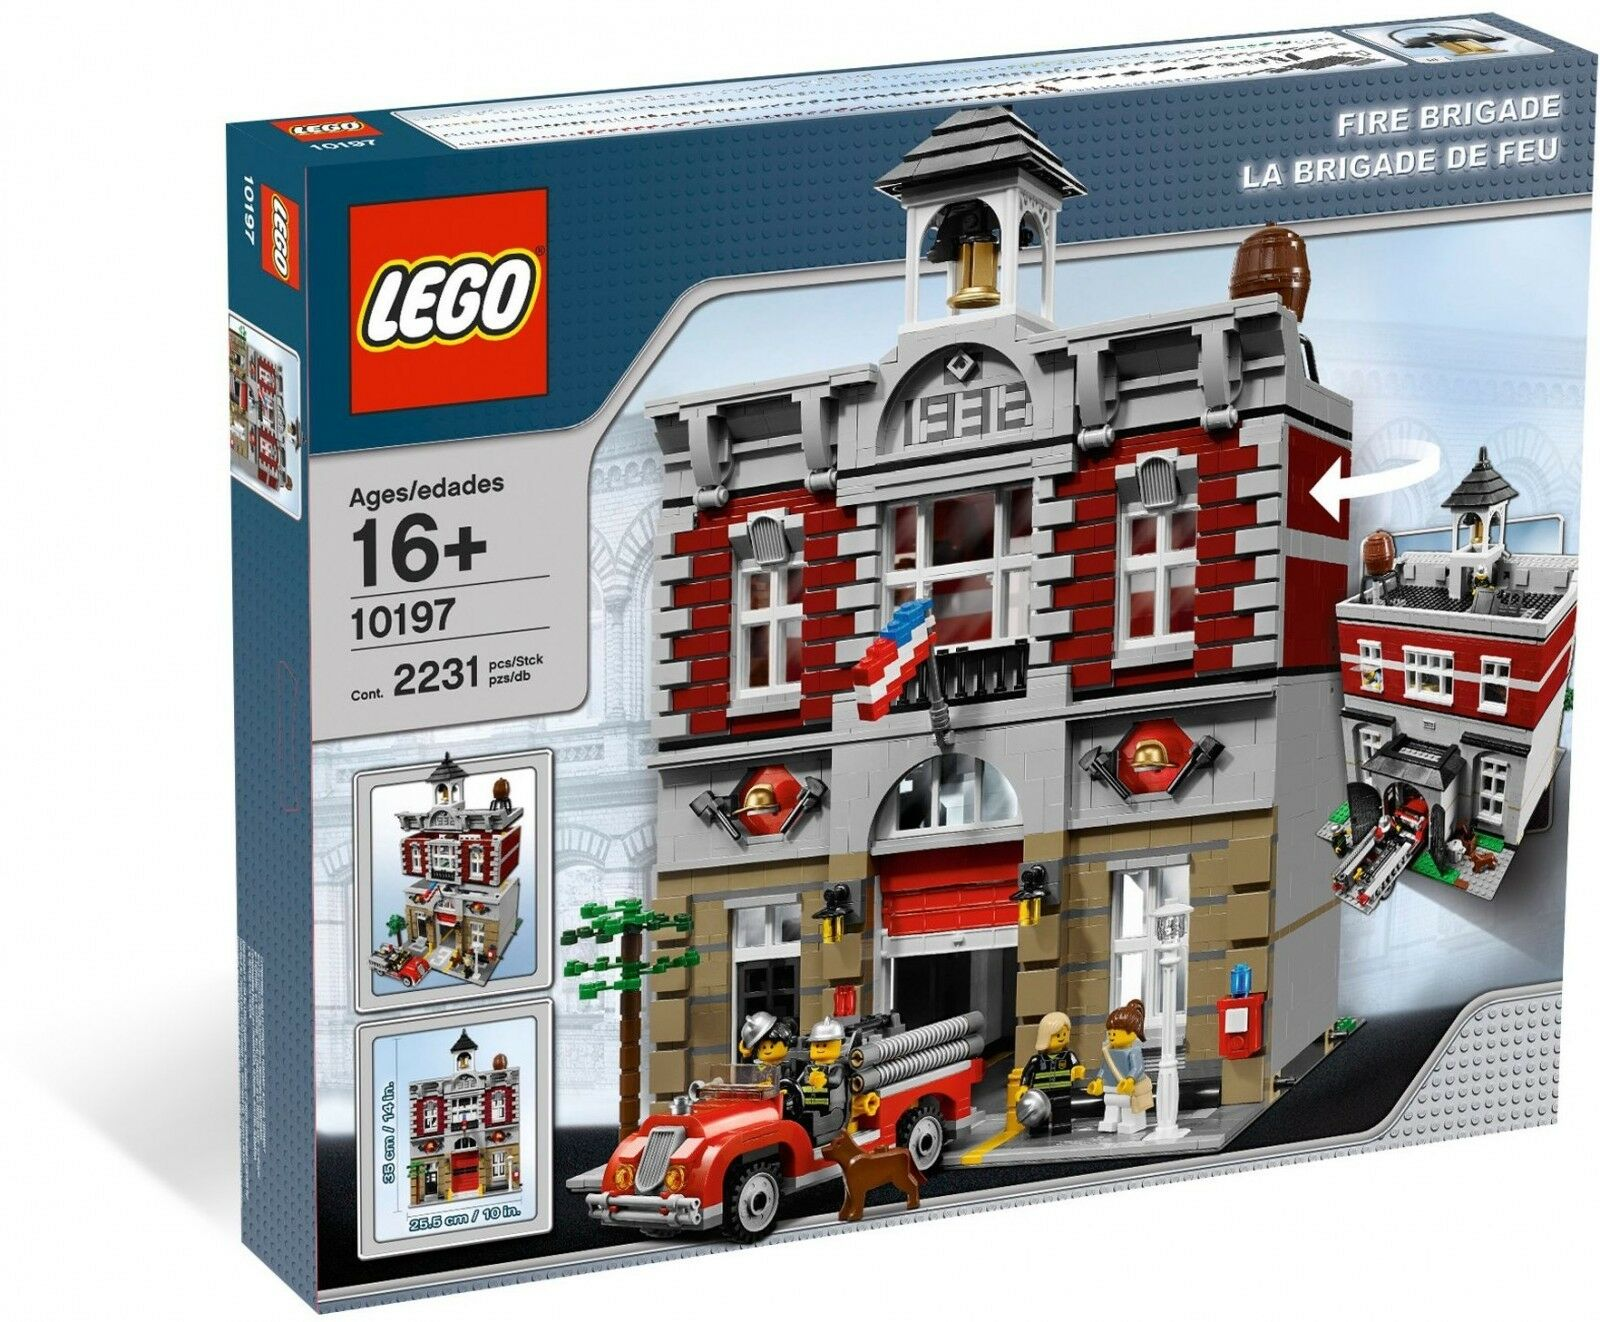 LEGO ® 10197 Exclusive Creator Caserne Nouveau neuf dans sa boîte _ FIRE BRIGADE NEW En parfait état, dans sa boîte scellée Boîte d'origine jamais ouverte